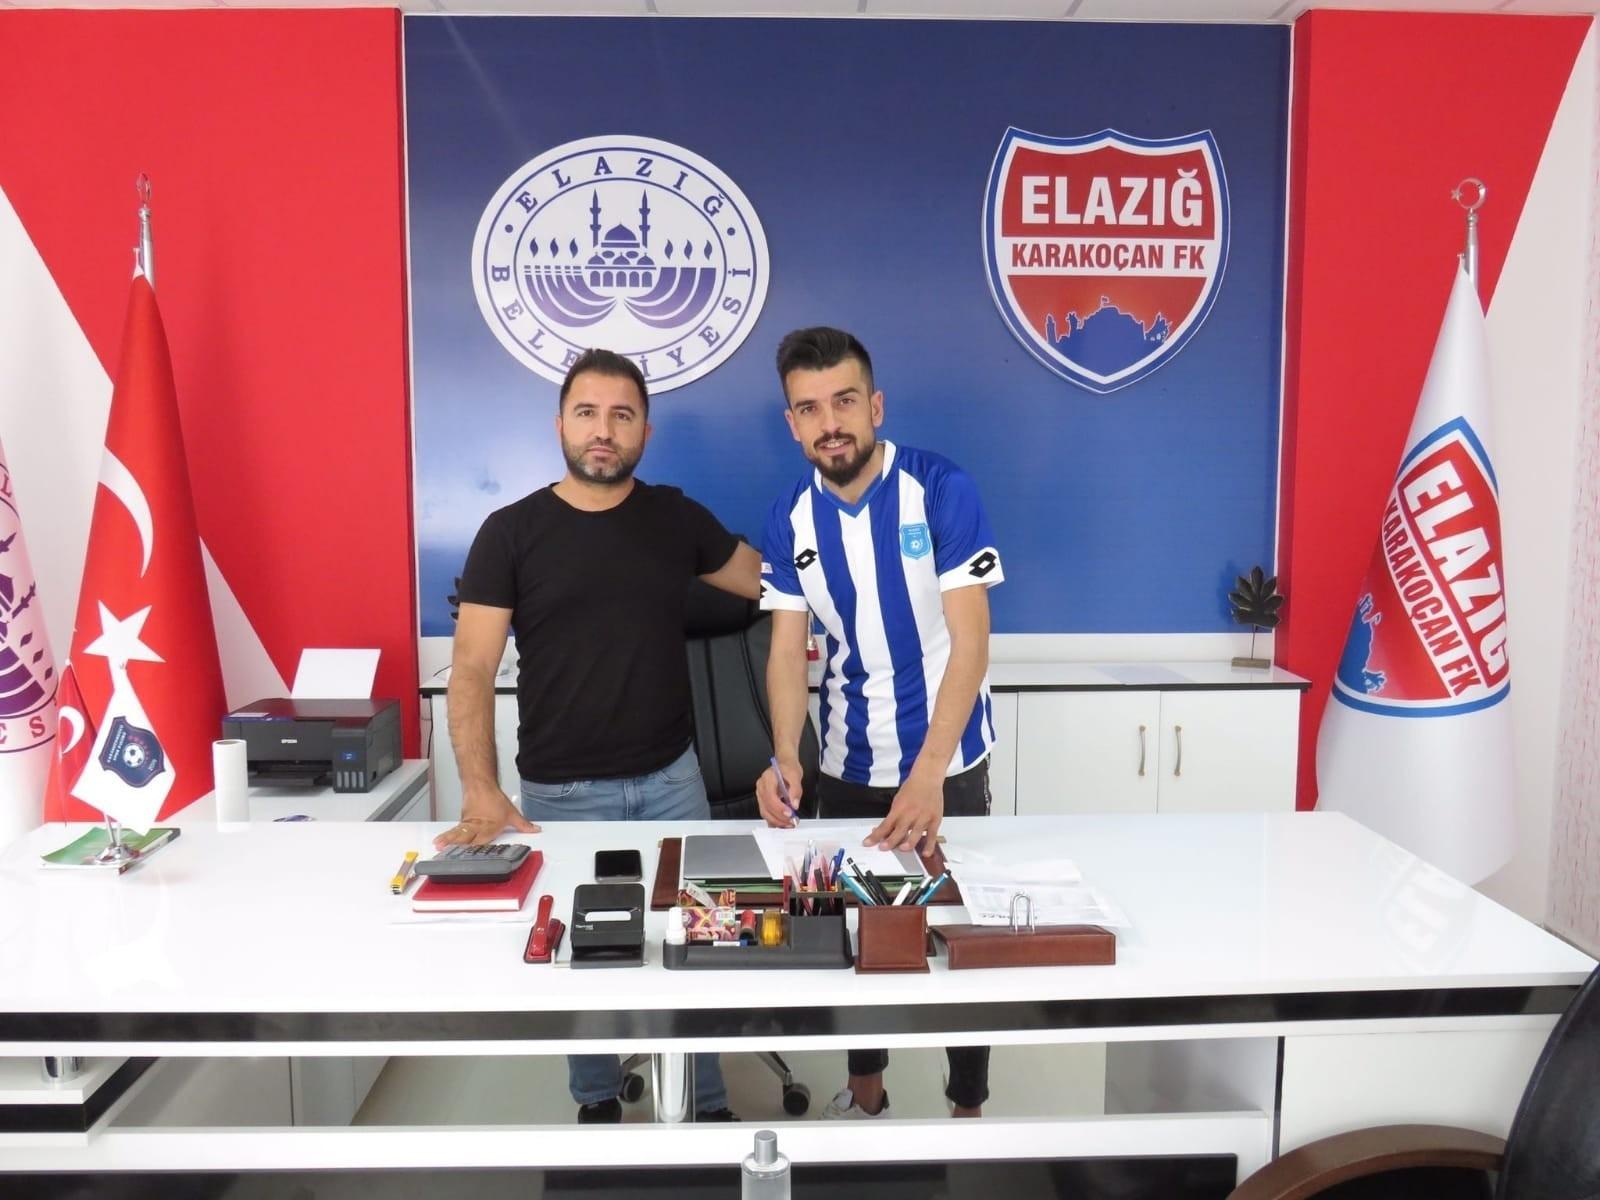 Elazığ Karakoçan FK, Cuma Ali Üzüm'ü kadrosuna kattı